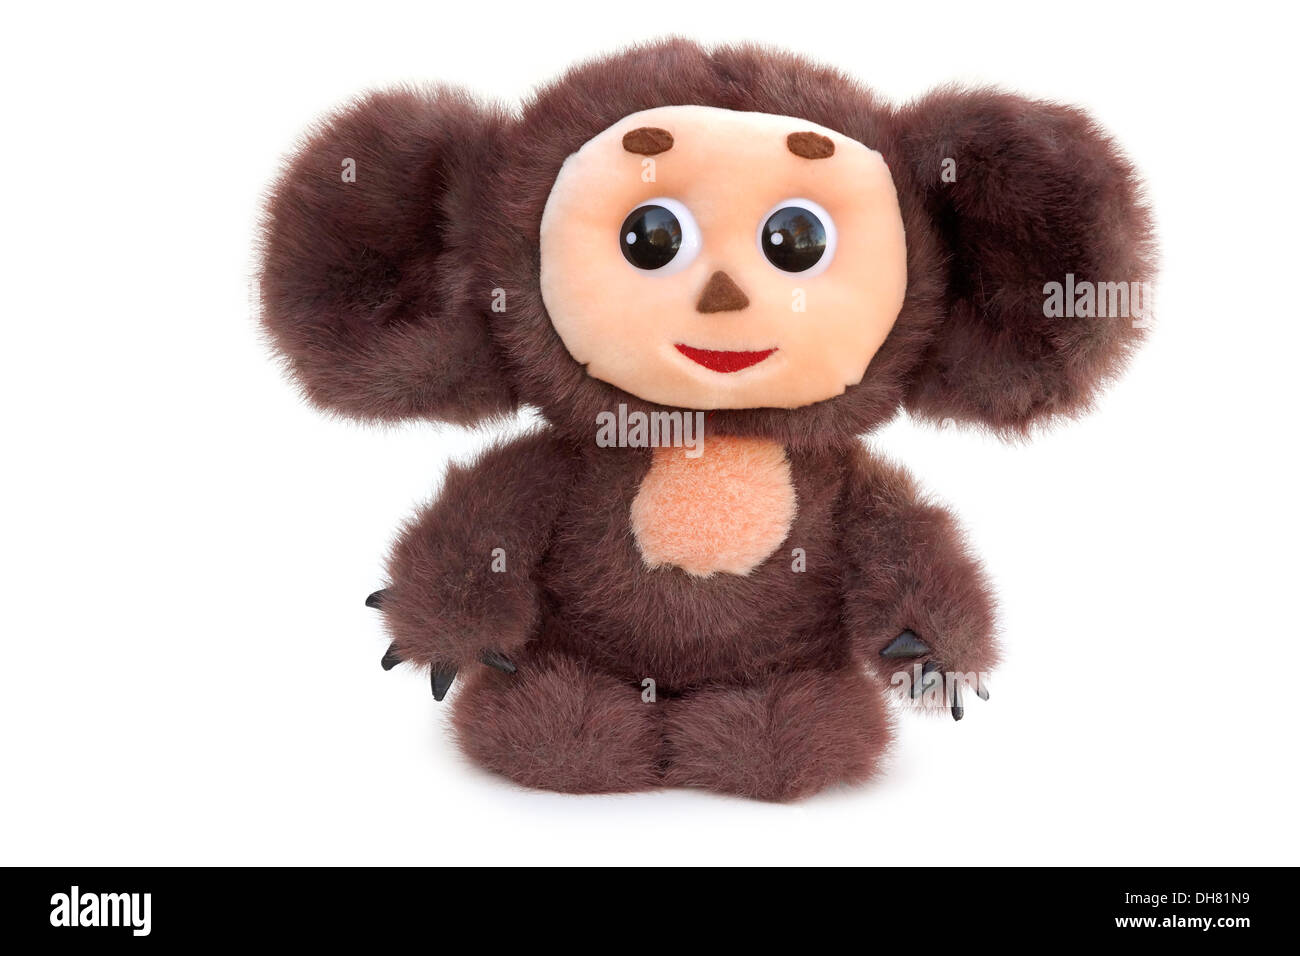 Cheburashka, un peluche, Federación de personaje de dibujos animados Imagen De Stock